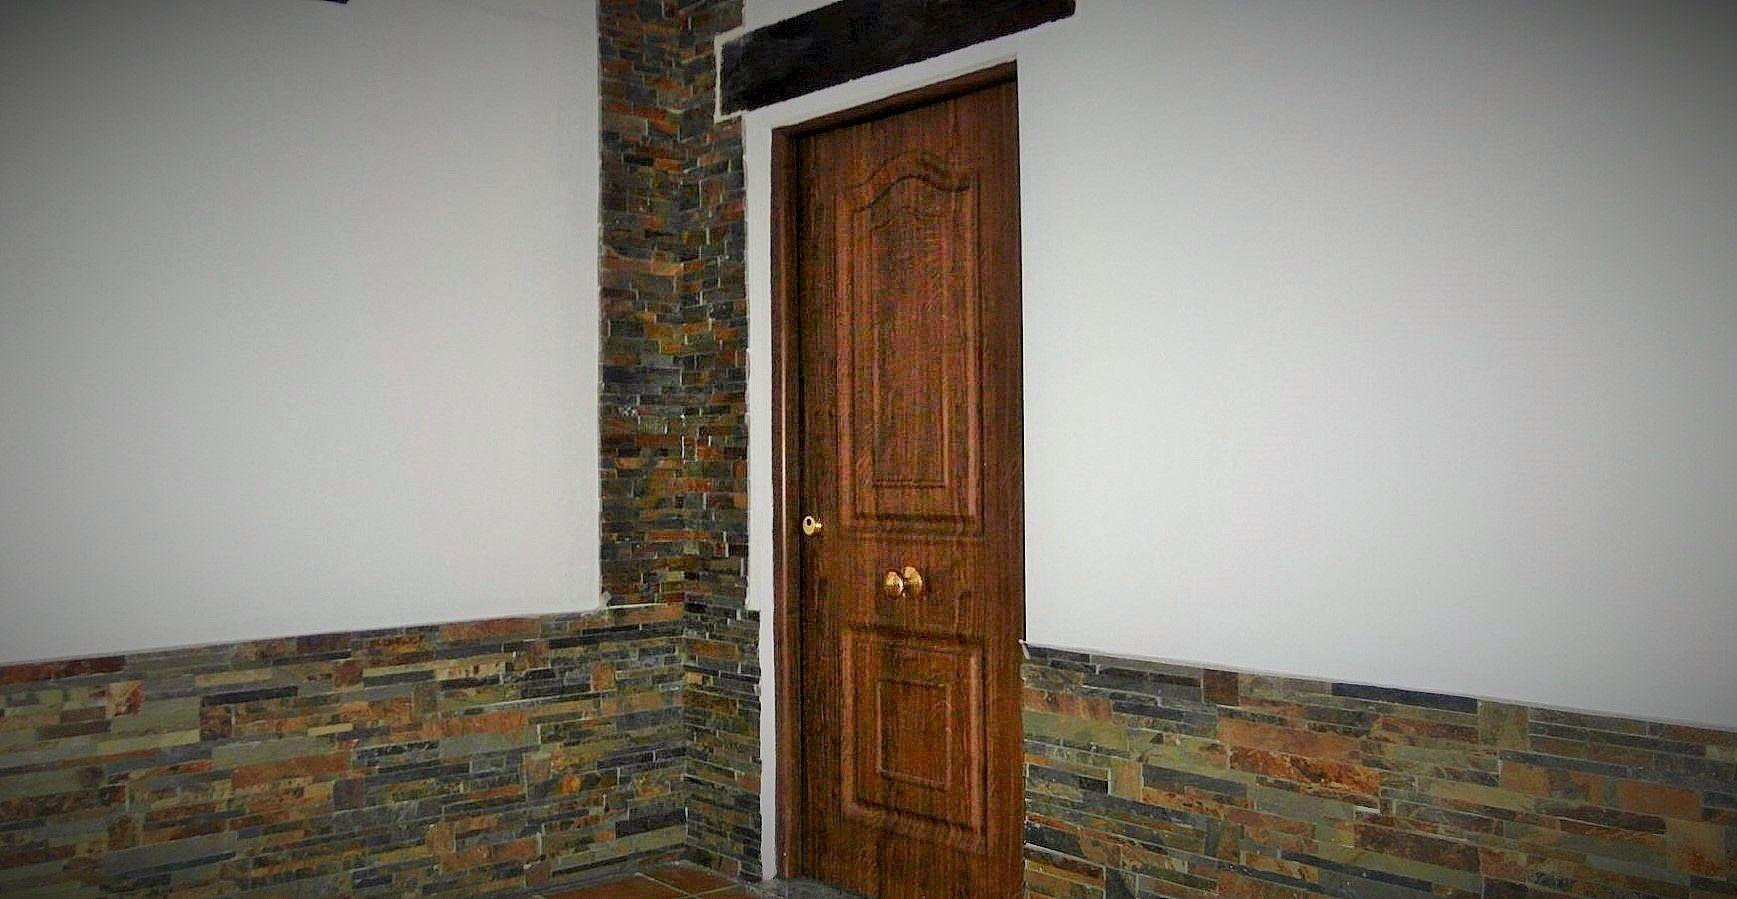 Acabado exterior casa prefabricada de hormigon zocalo de for Zocalo fachada exterior